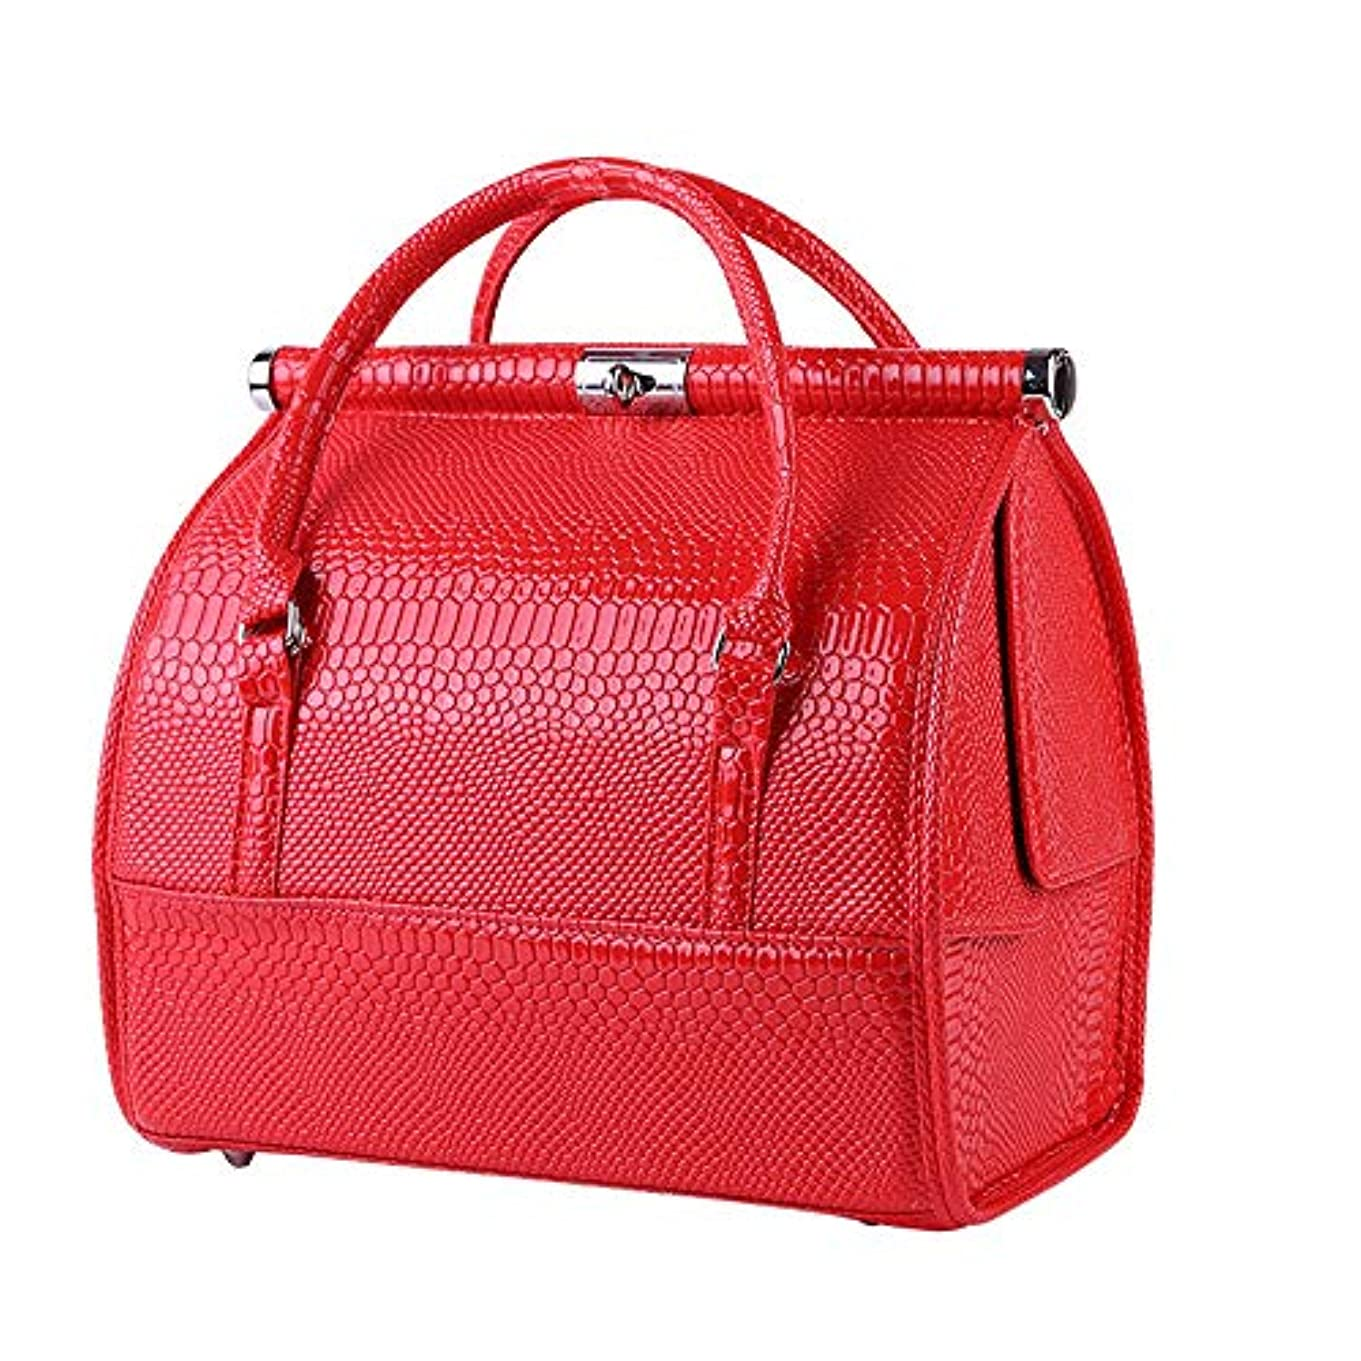 モンスターチーム葉化粧オーガナイザーバッグ 女性の女性のための美容メイクアップのためのポータブル化粧品バッグ旅行と折り畳みトレイで毎日のストレージ 化粧品ケース